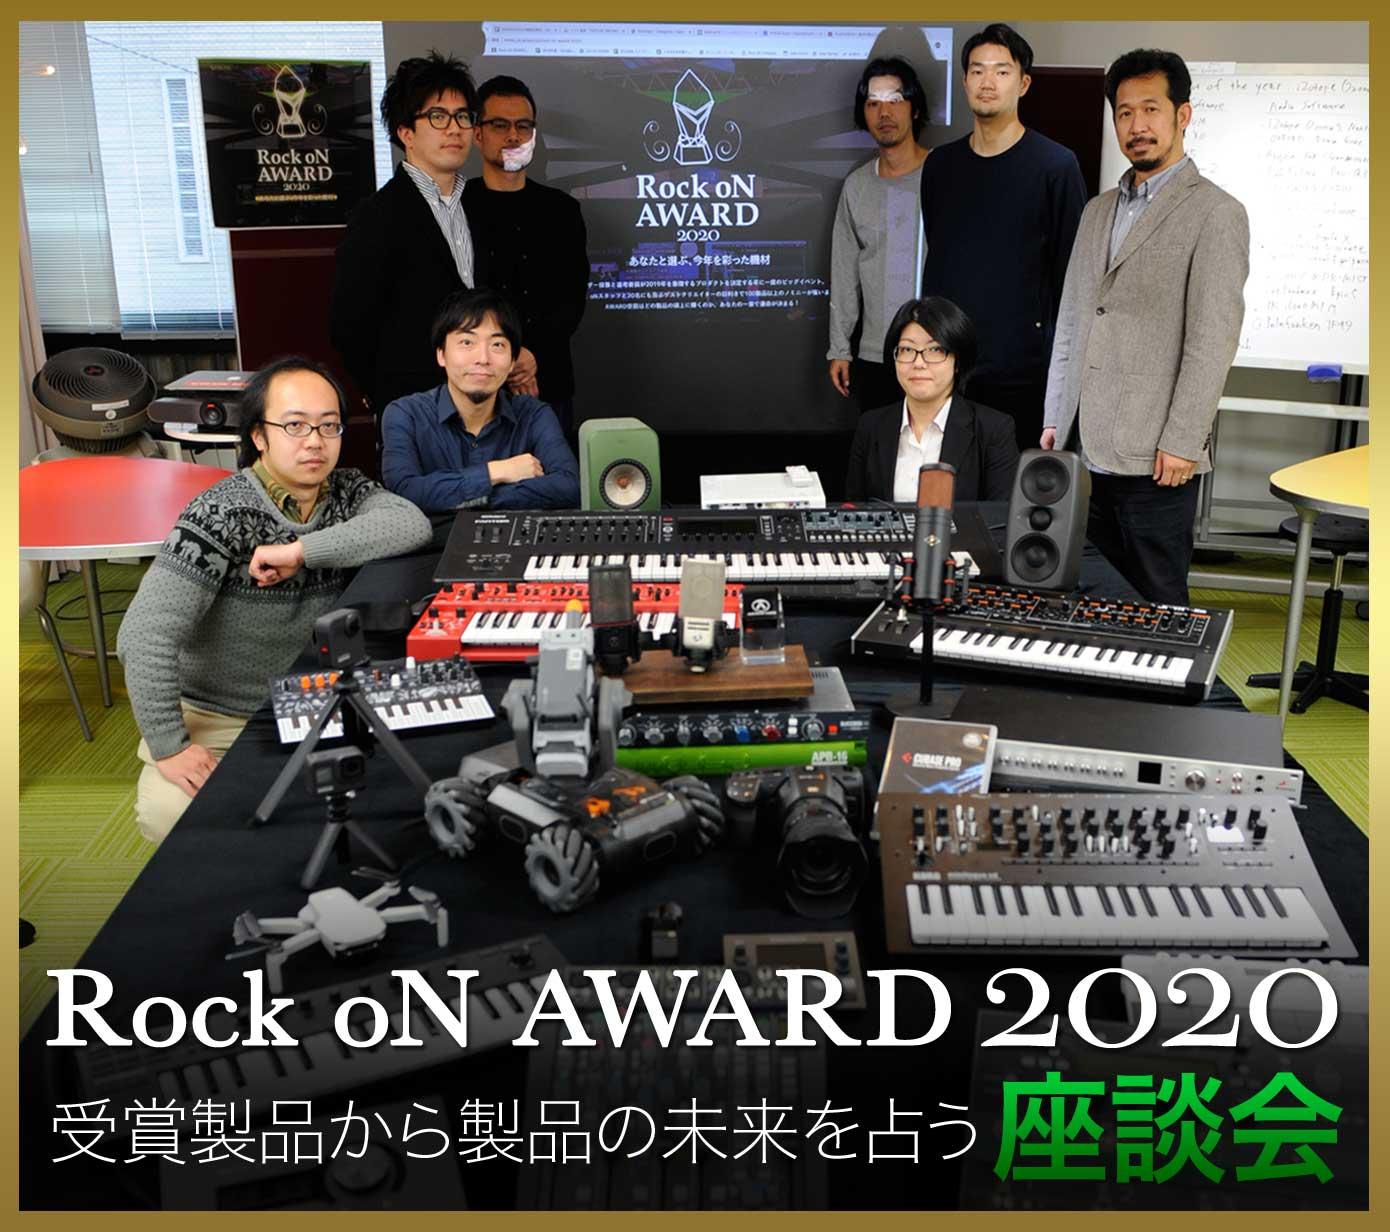 after-award2020-top